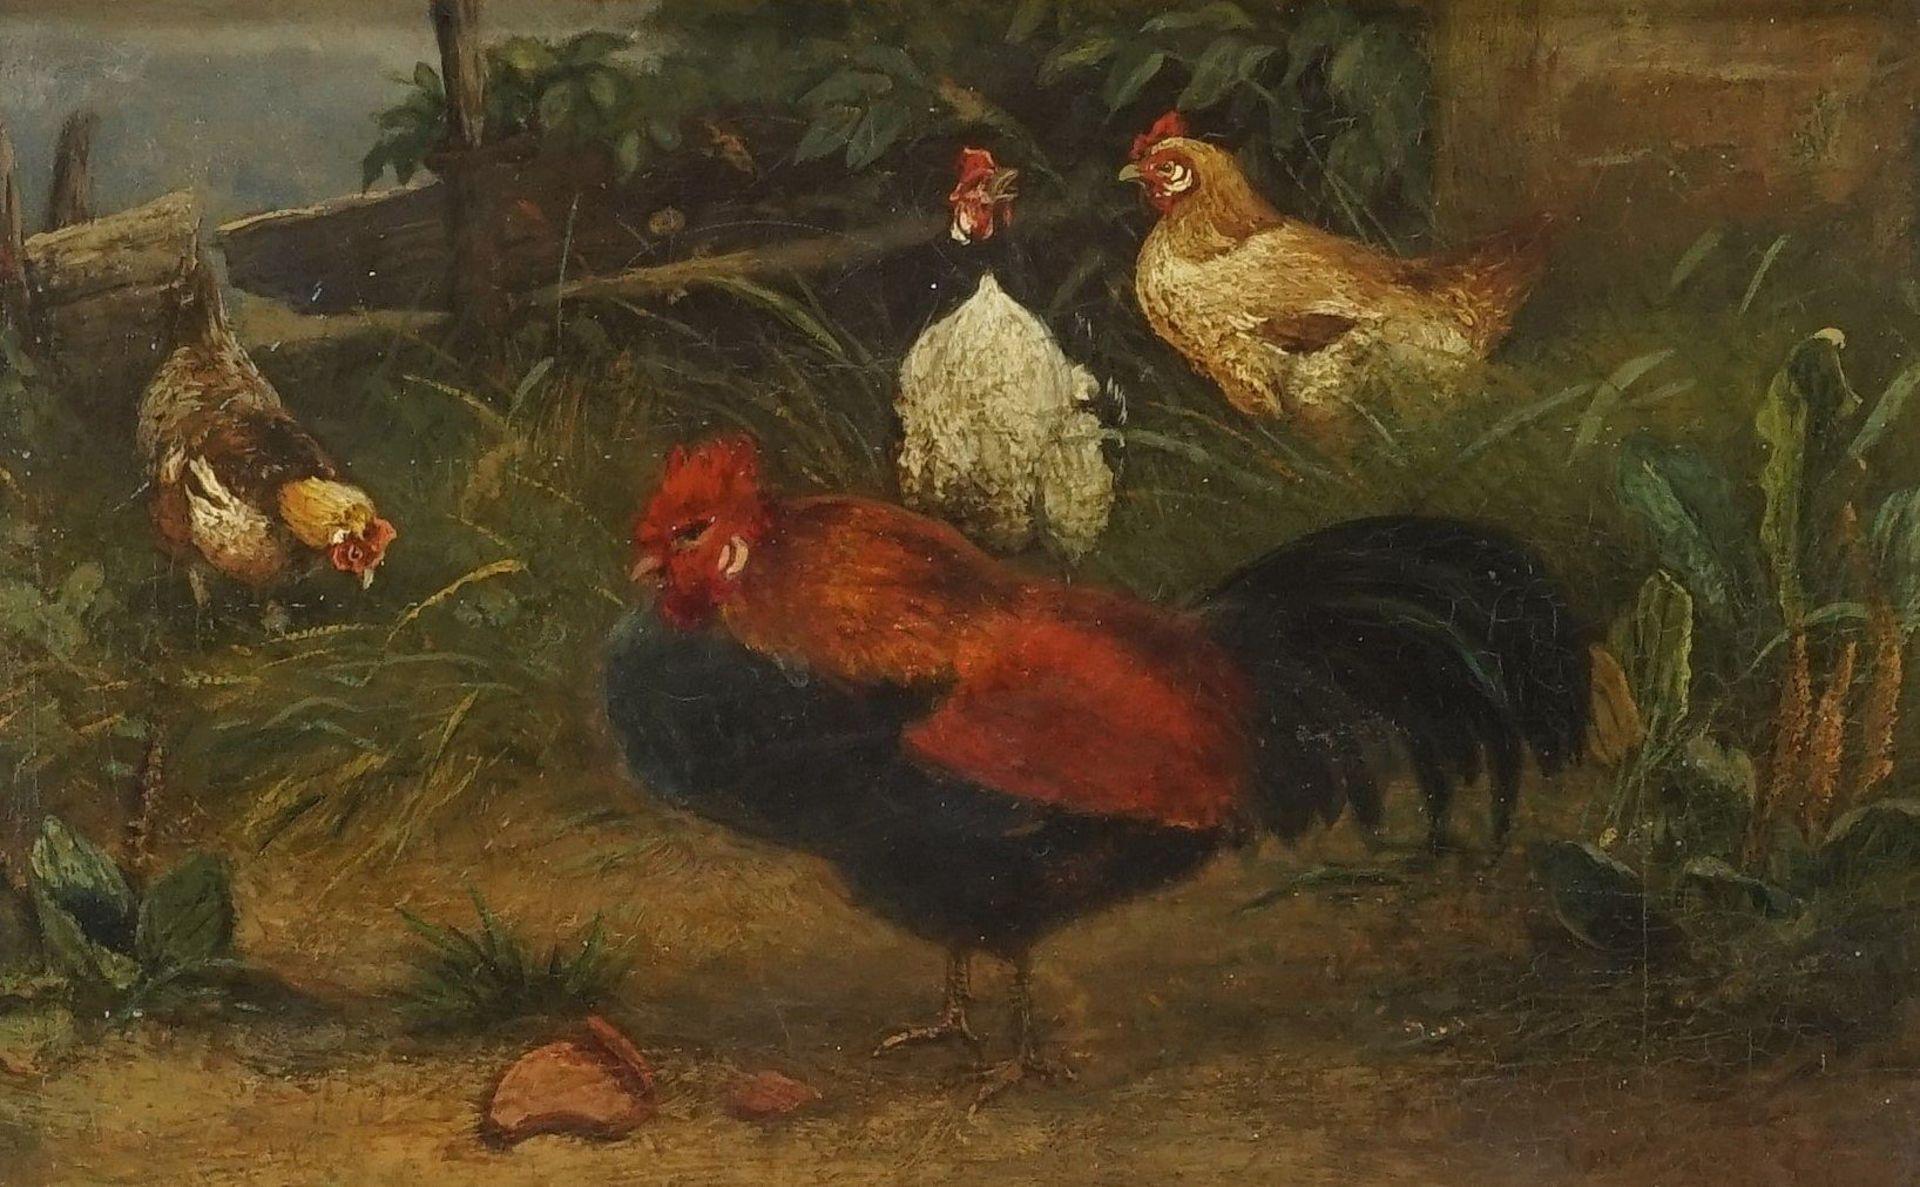 Carl Jutz der Ältere, Hahn und Hennen - Bild 2 aus 3